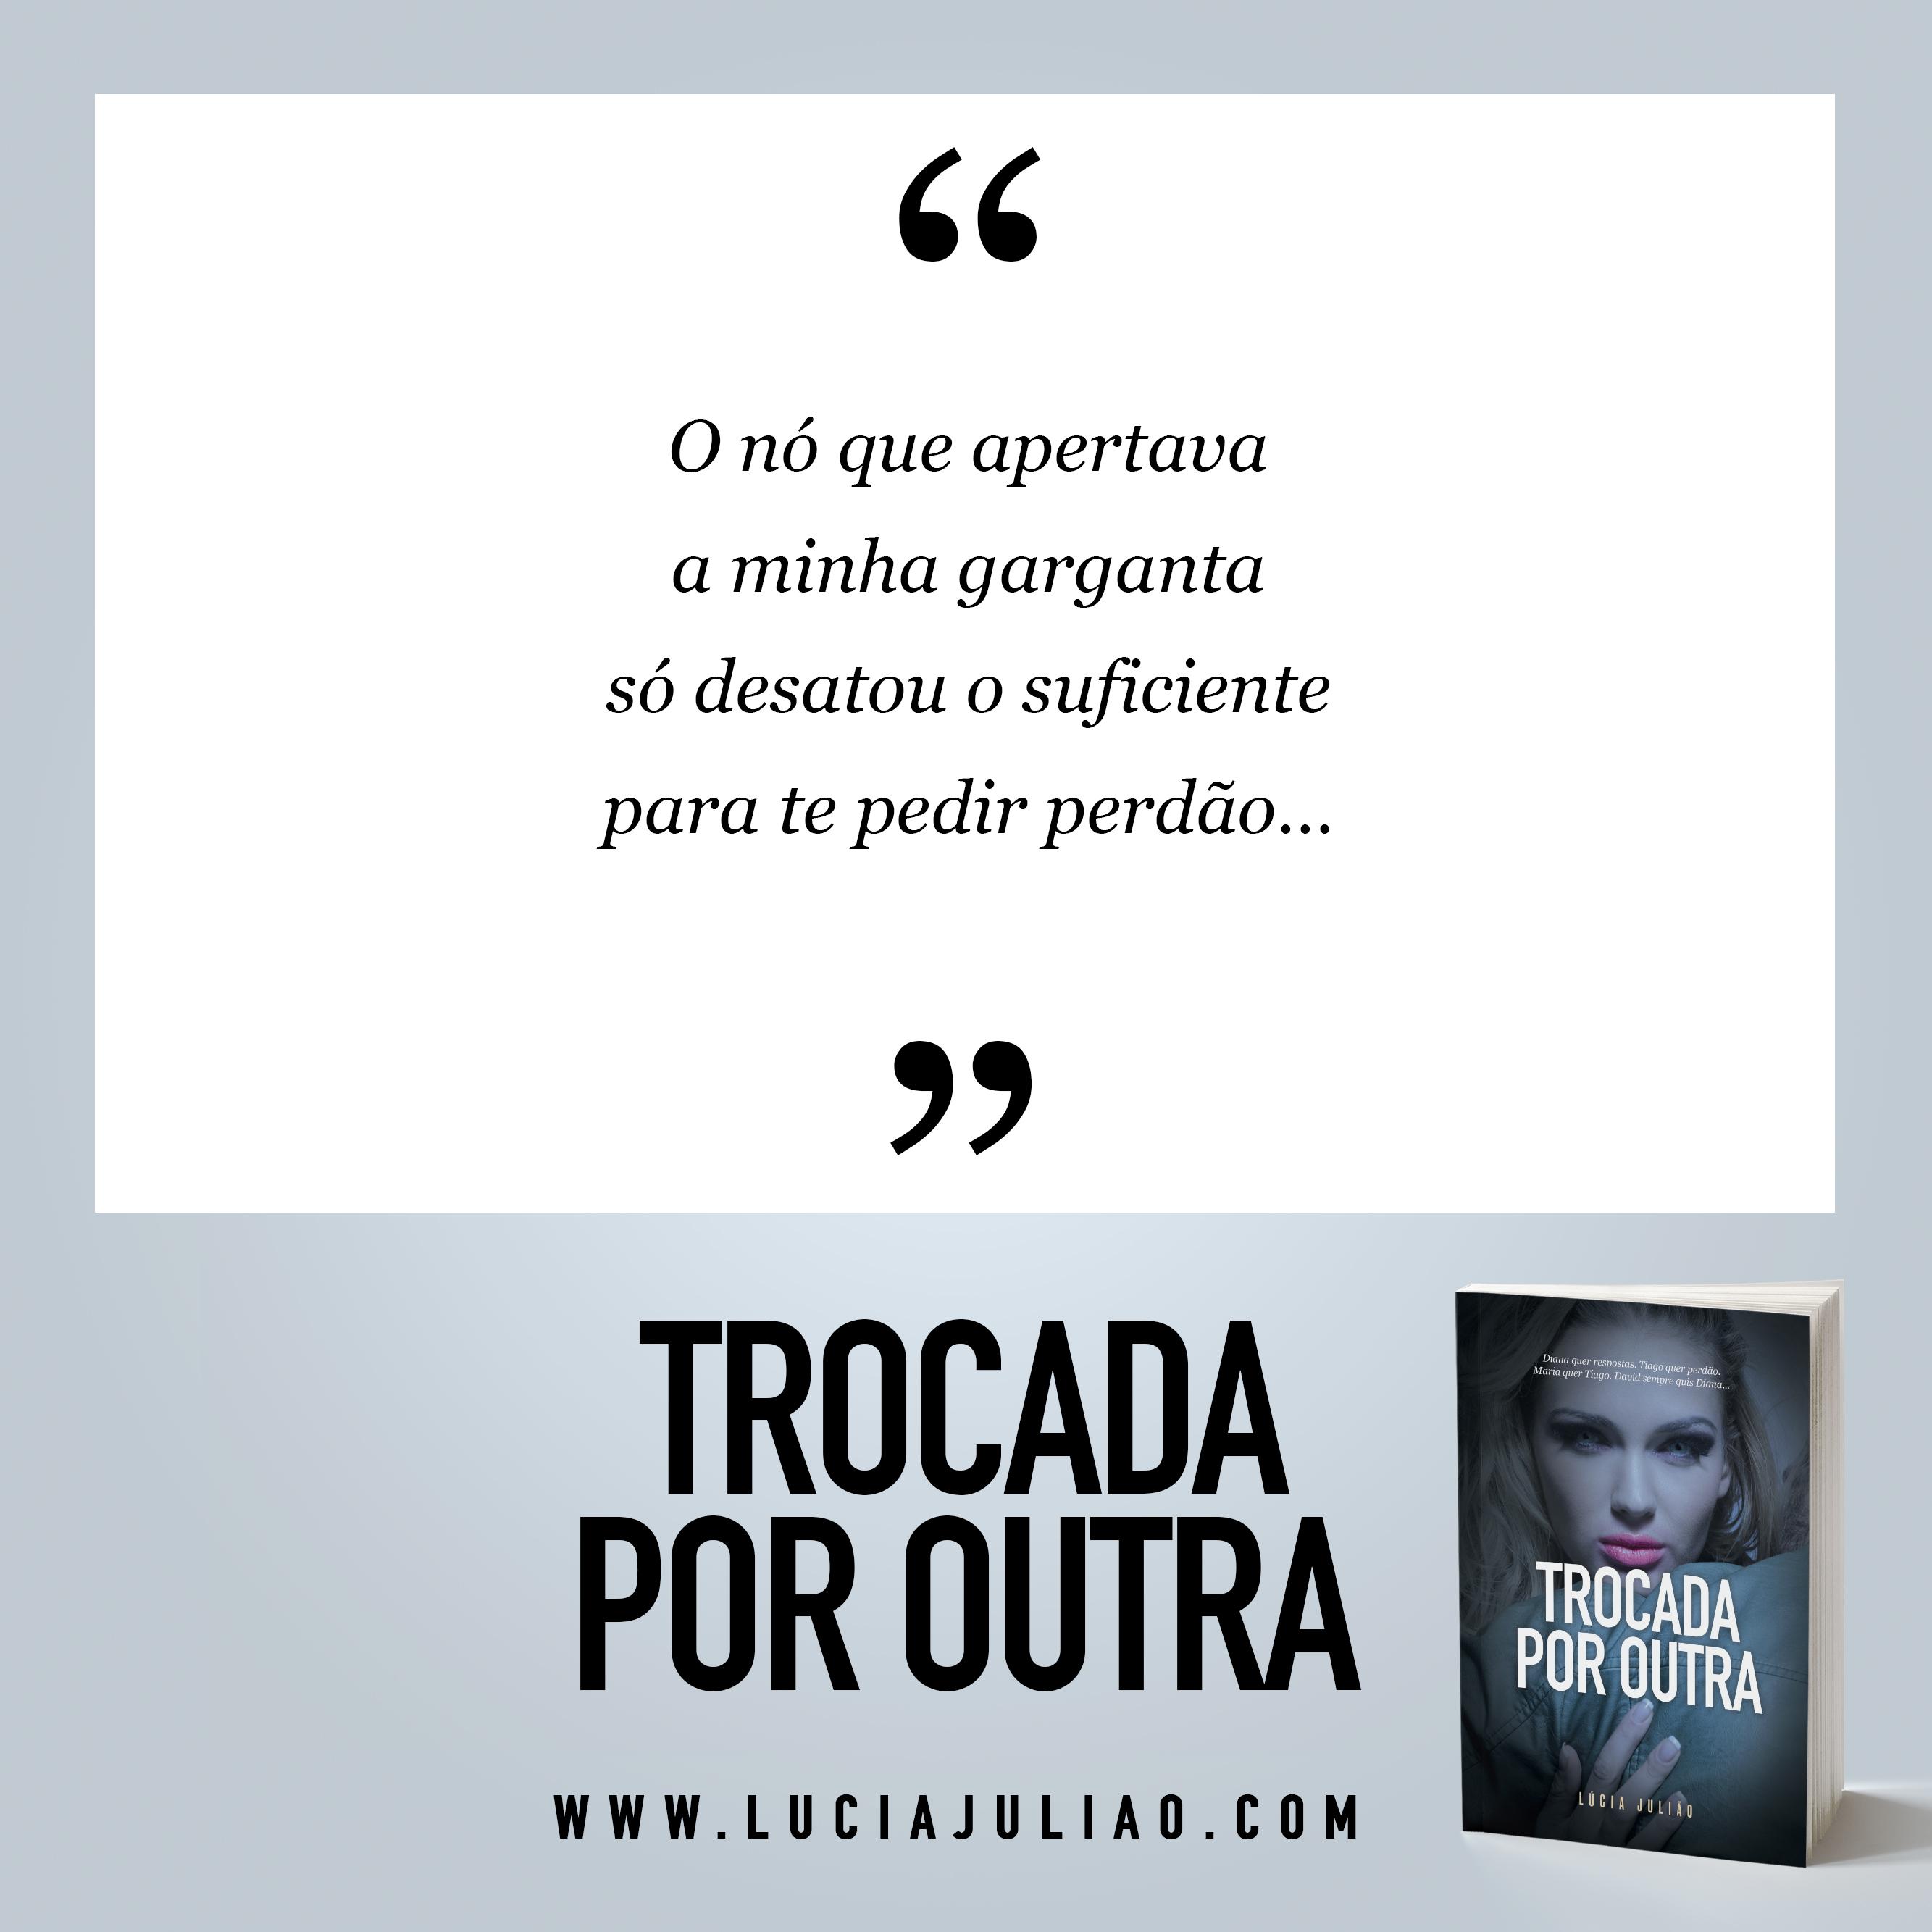 018Q - capítulo 5 - Trocada por outra - Lúcia Julião